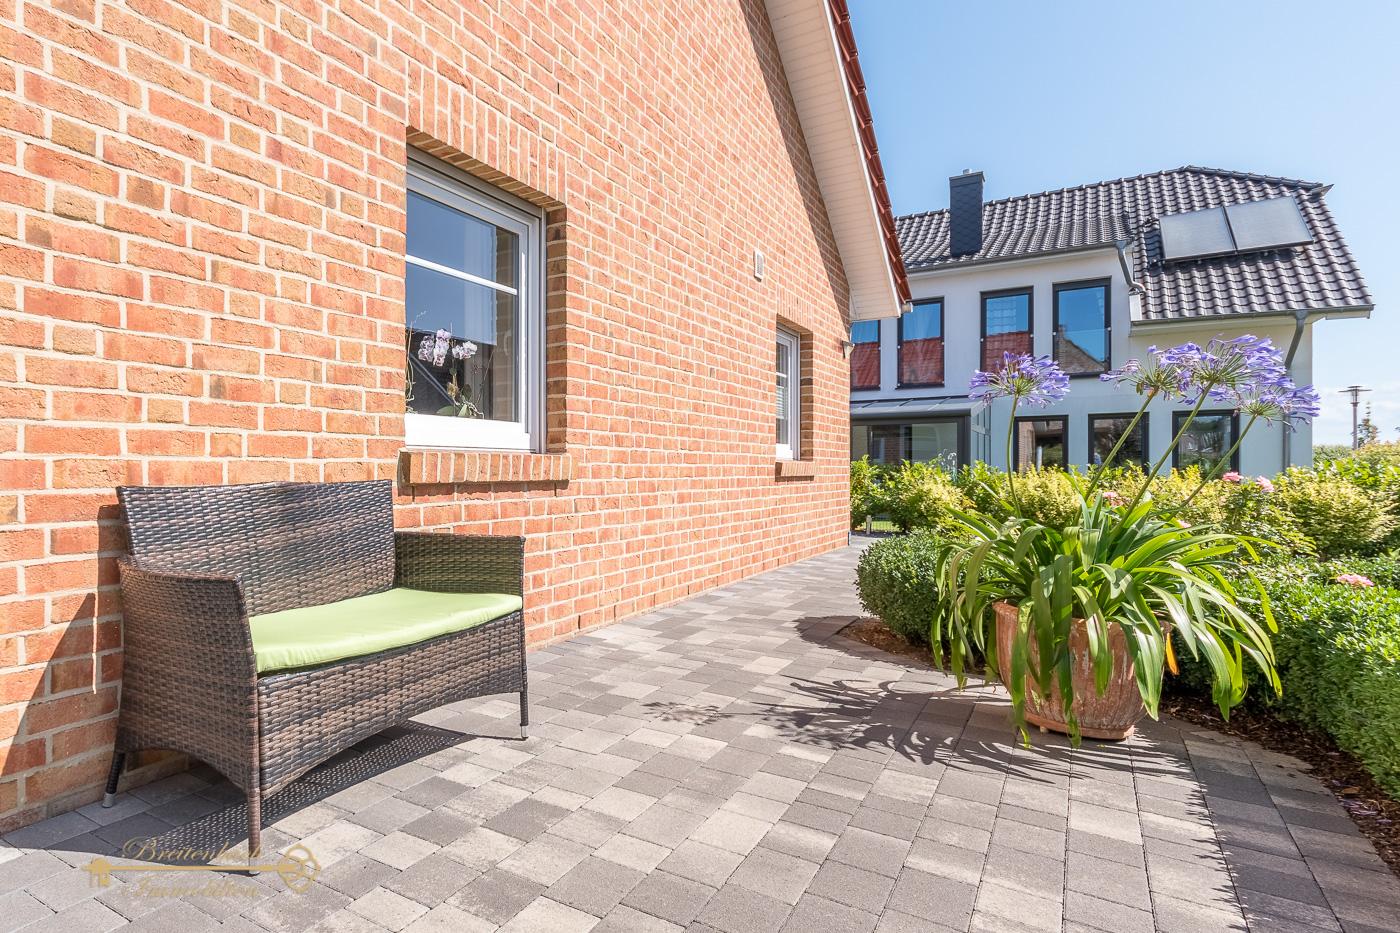 2019-08-11-Breitenbach-Immobilien-27